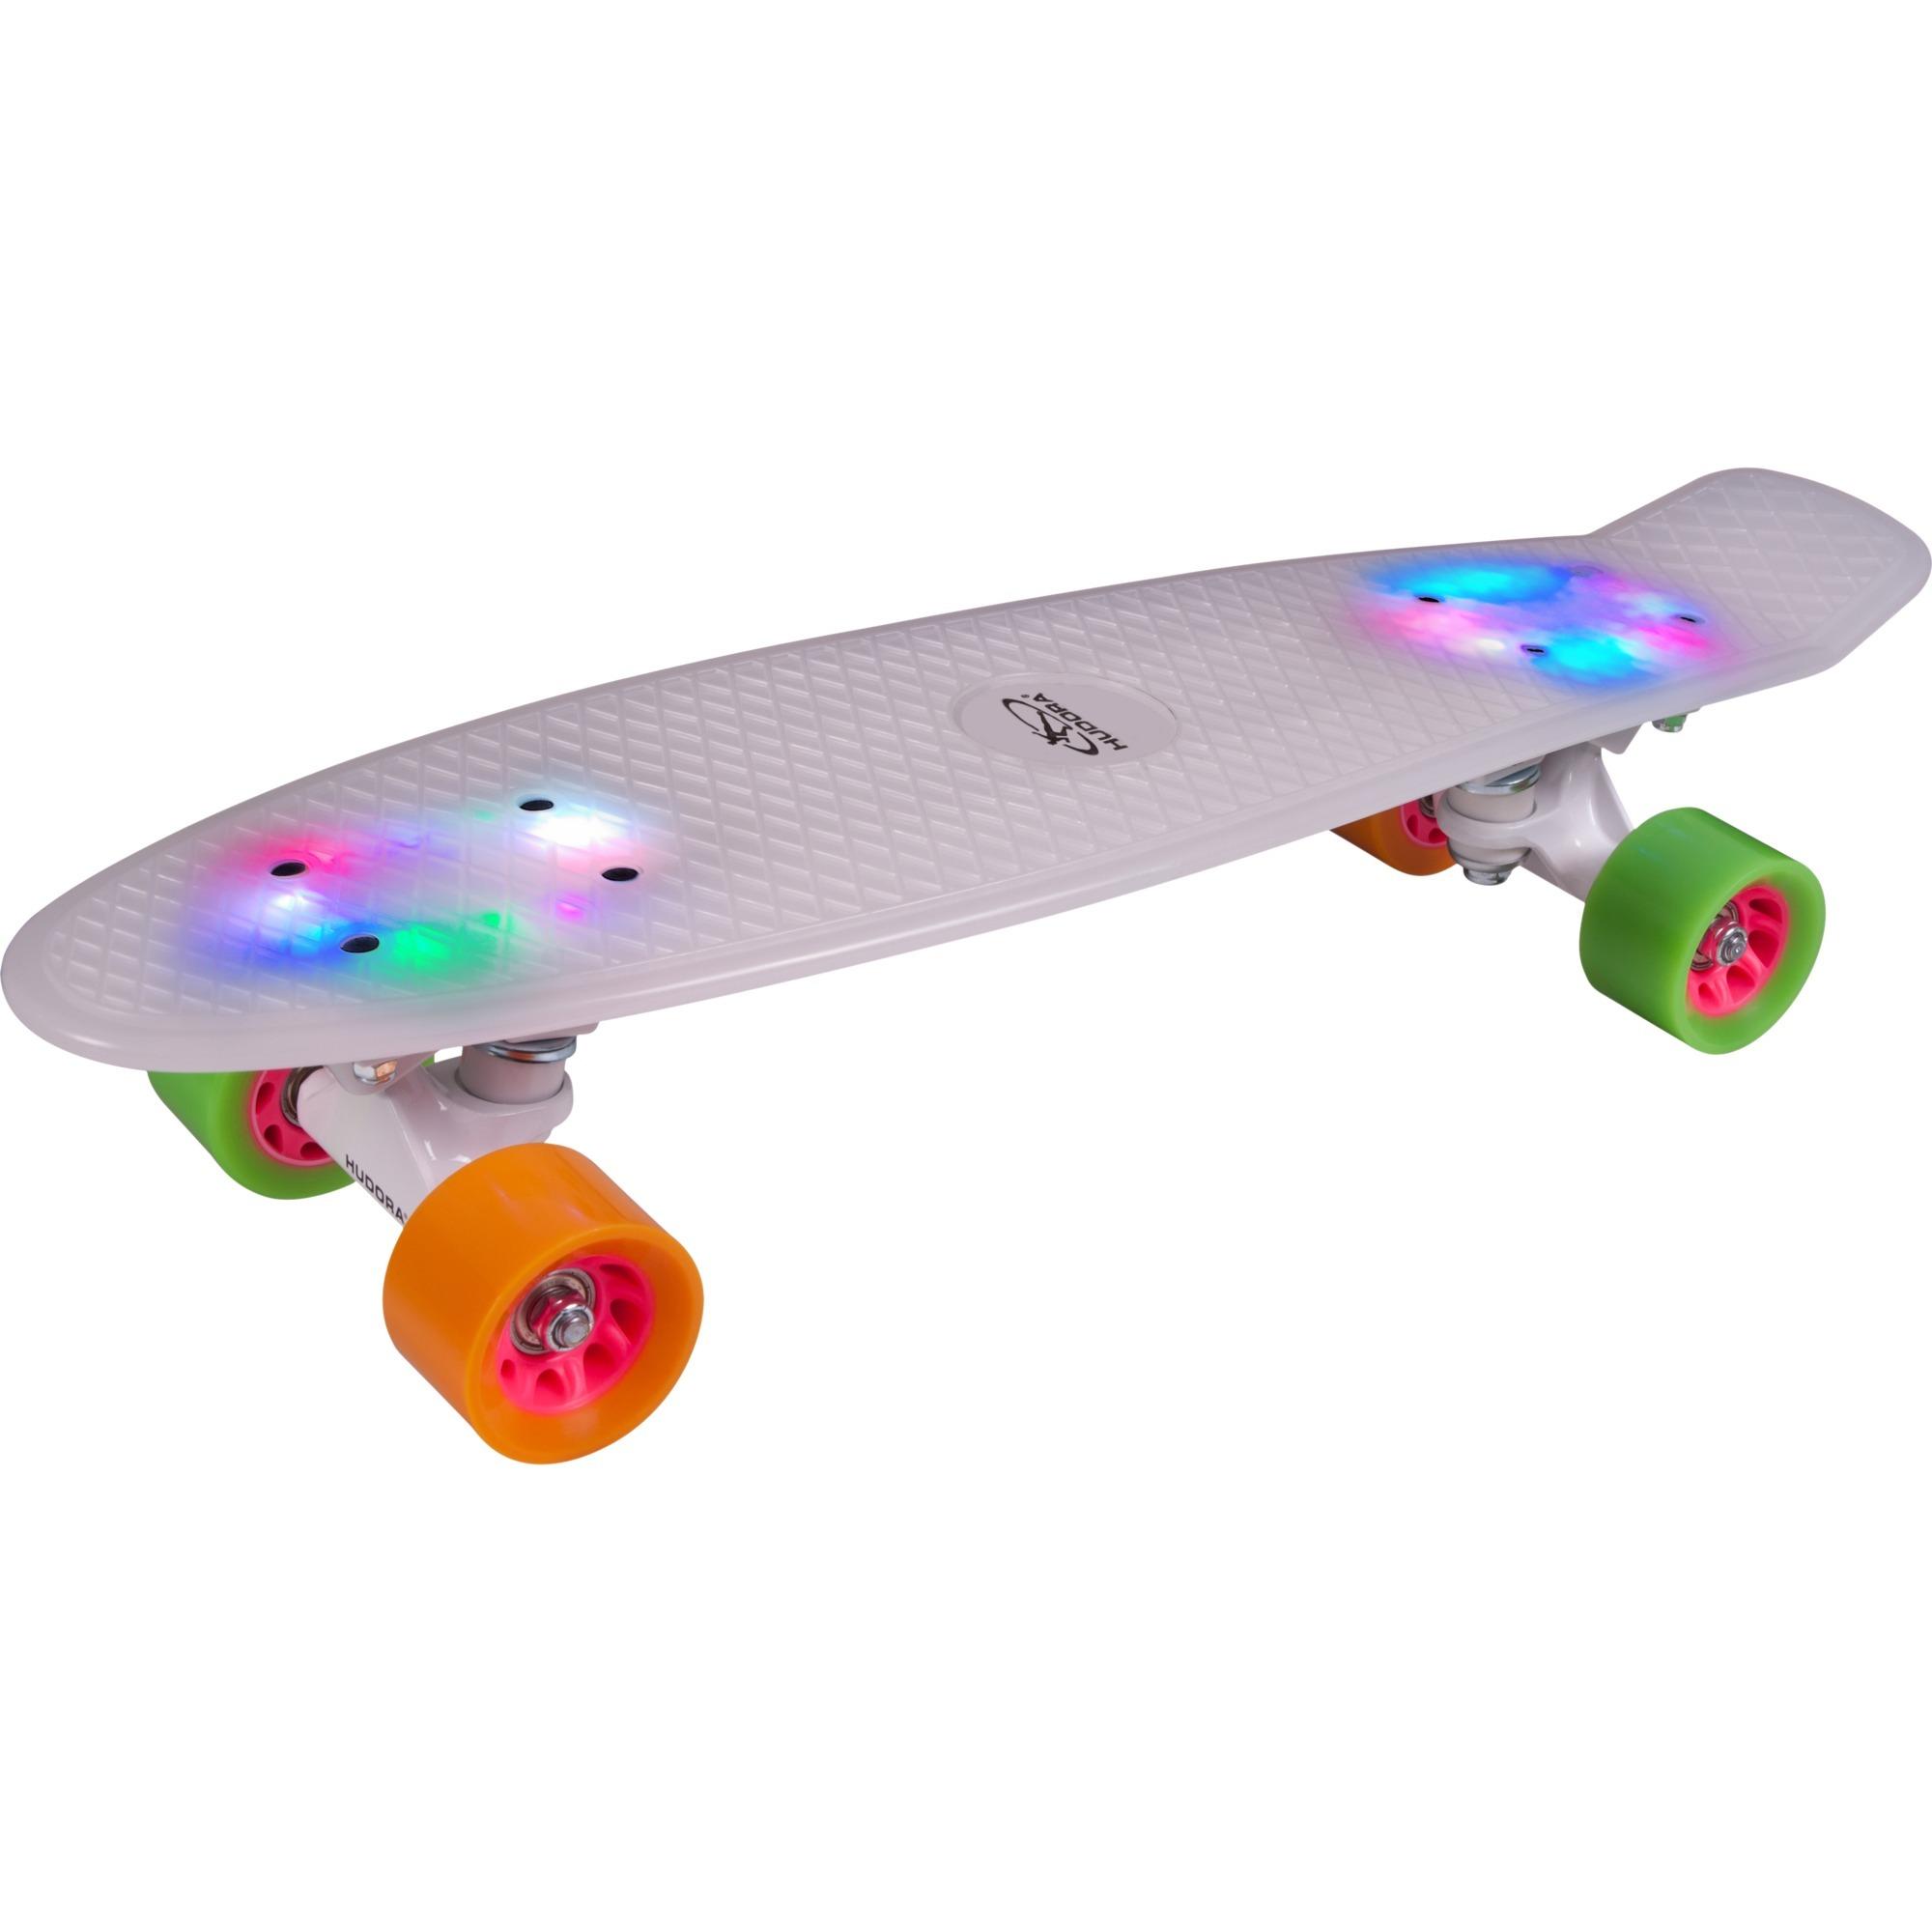 12134 Monopatín (clásico) Verde, Naranja, Color blanco monopatín, Skateboard